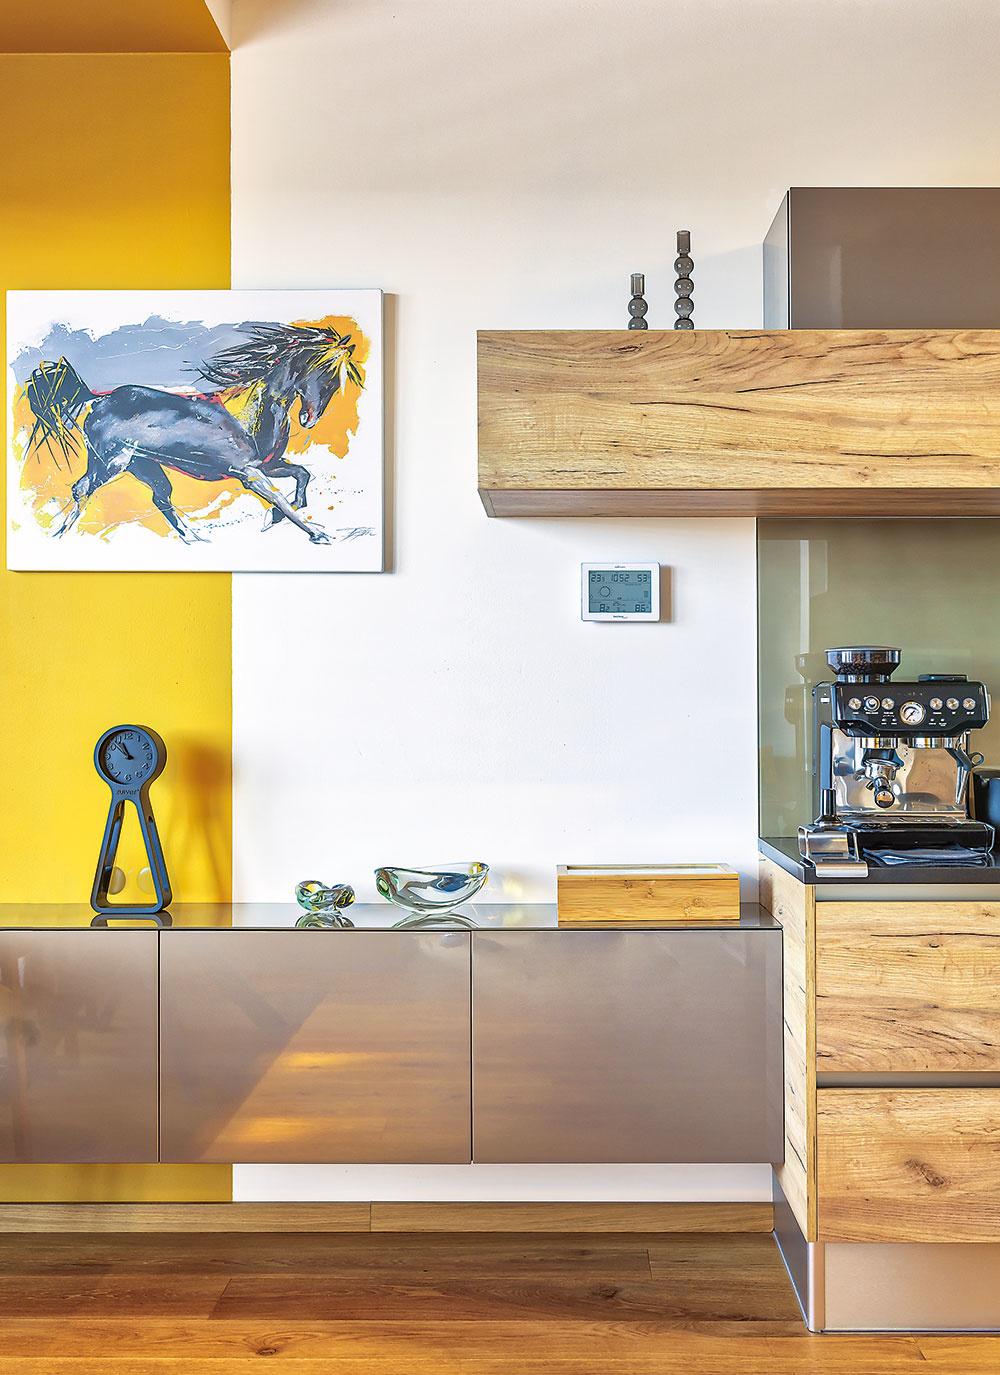 """MODERNÝ CHARAKTER priestoru alinky dopĺňajú dekoračné predmety od rodičov a babky. Majiteľka má rada veci so spomienkami, ktoré dokážu každý priestor na pohľad """"zahriať""""."""